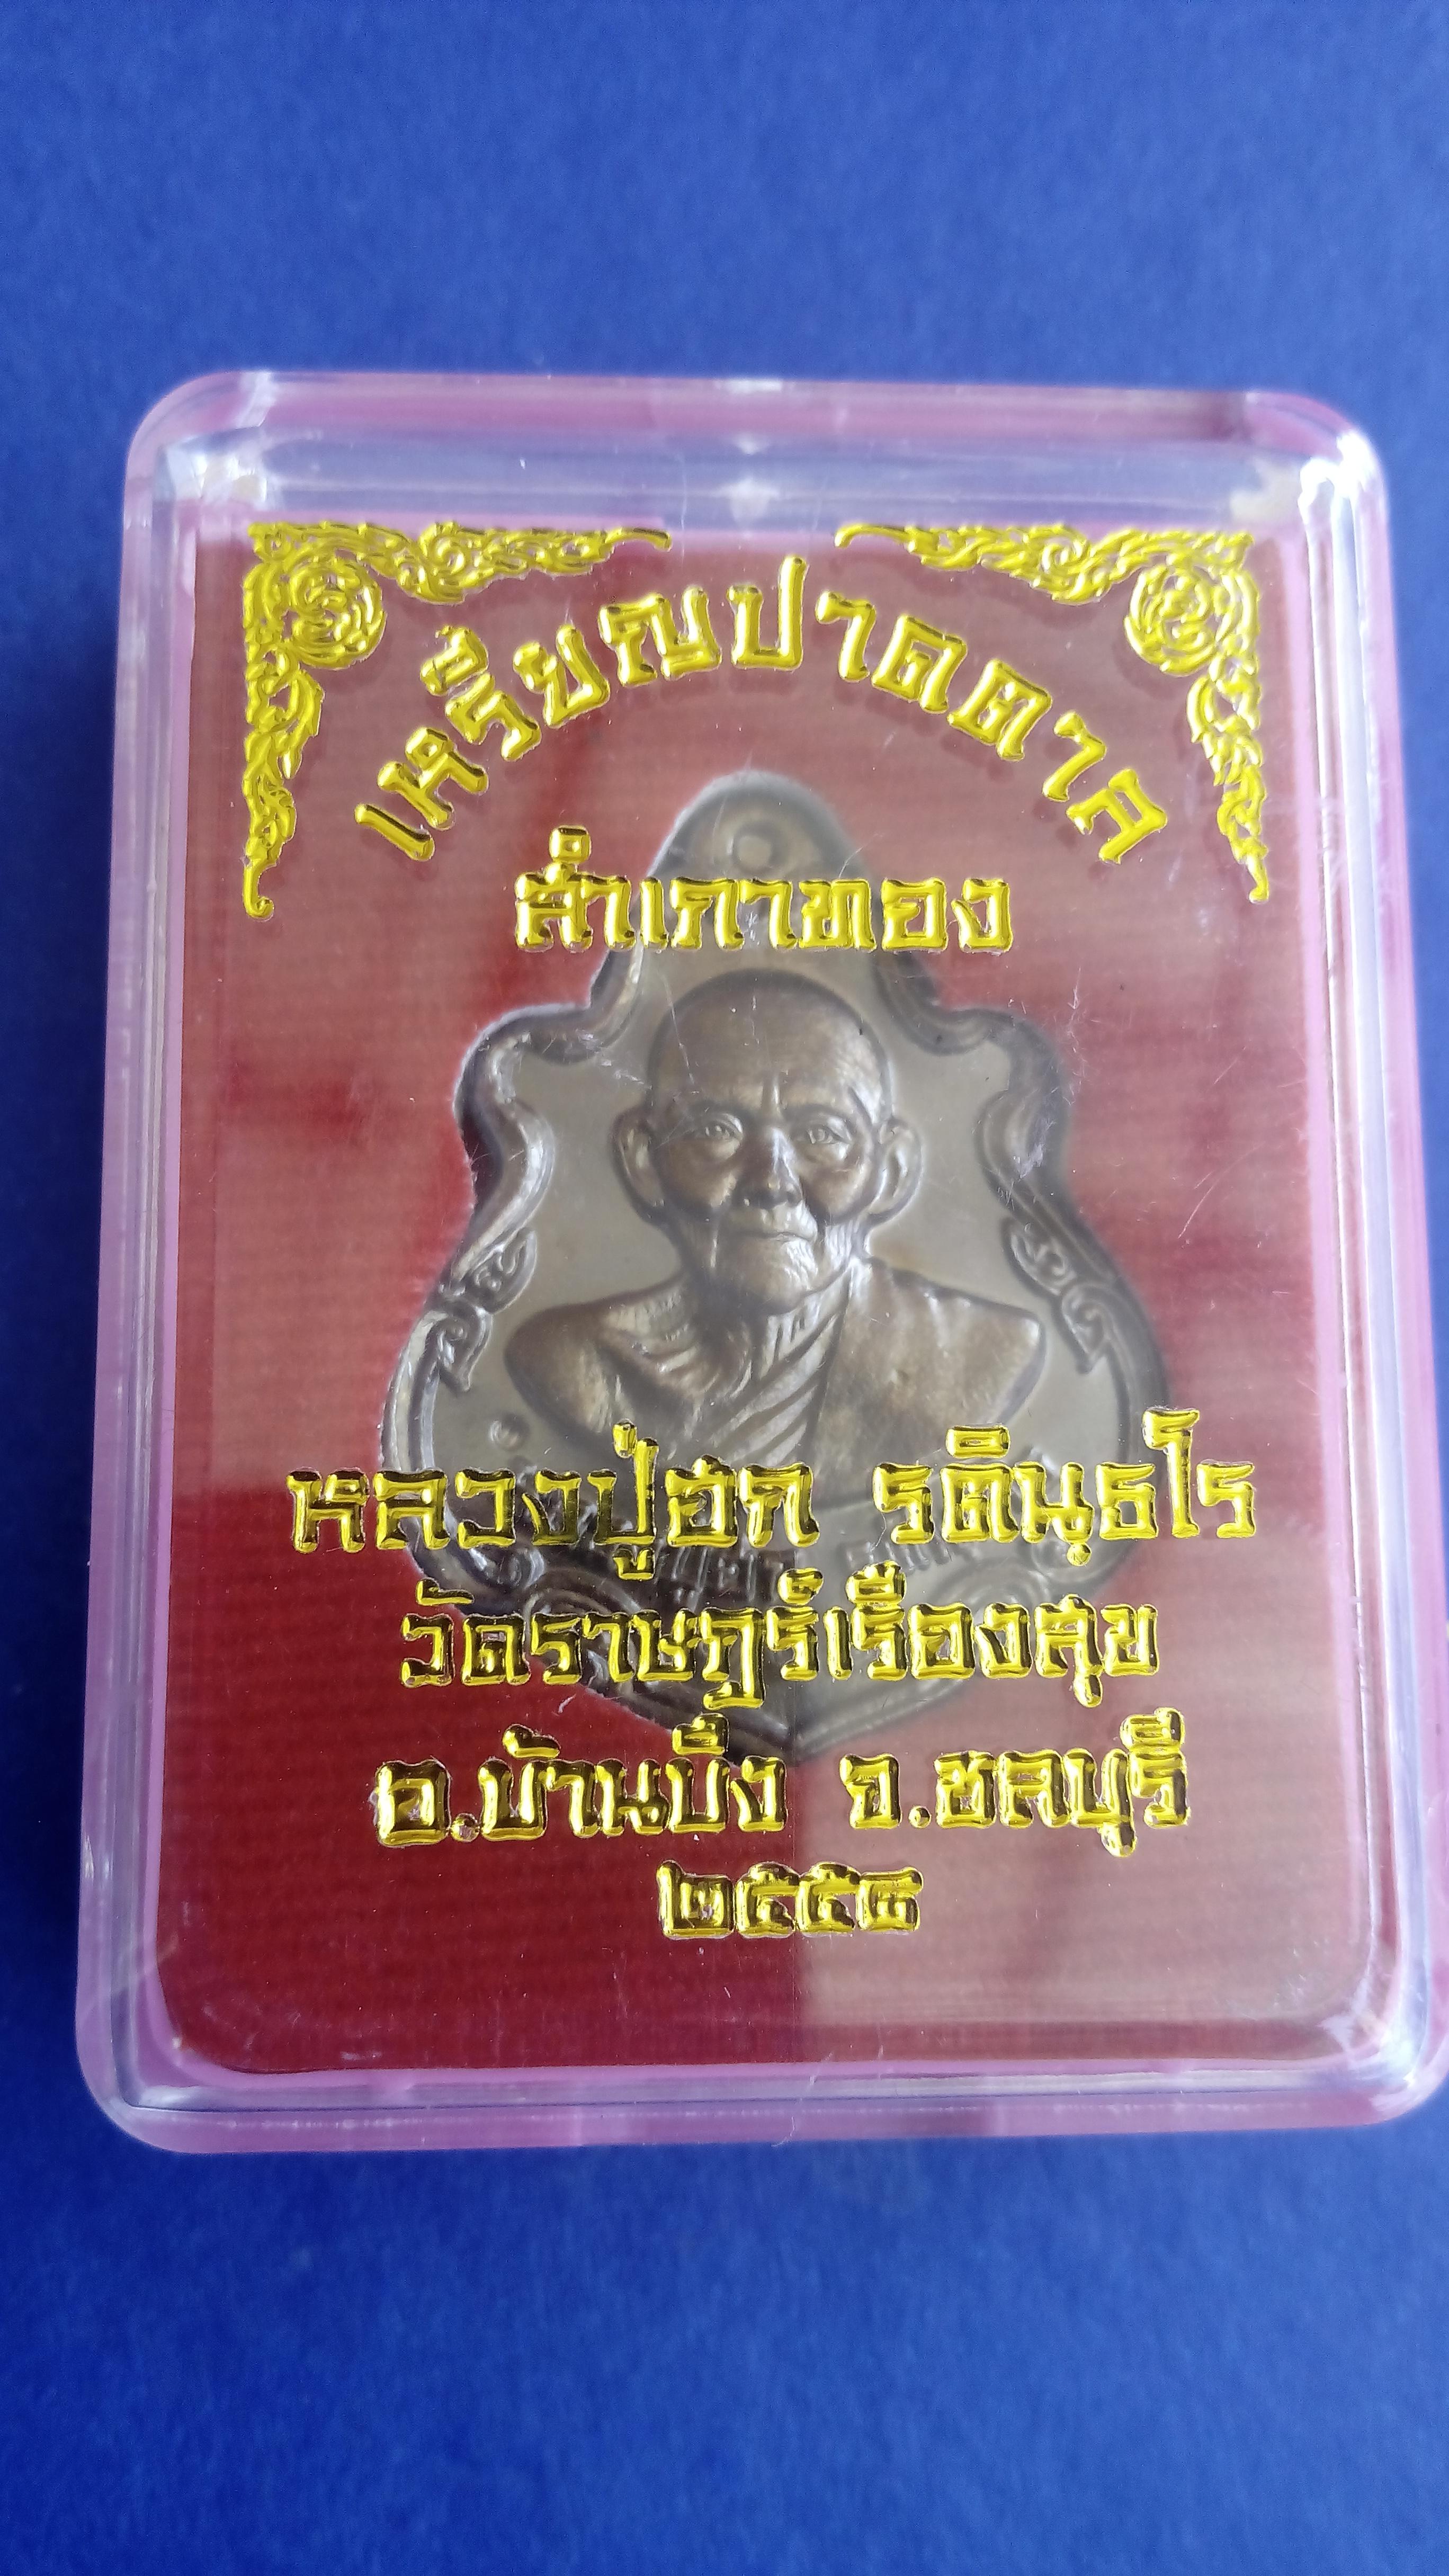 เหรียญปาดตาล หลวงปู่ฮก วัดมาบลำบิด เนื้อทองแดงรมดำ ตอกโค๊ต